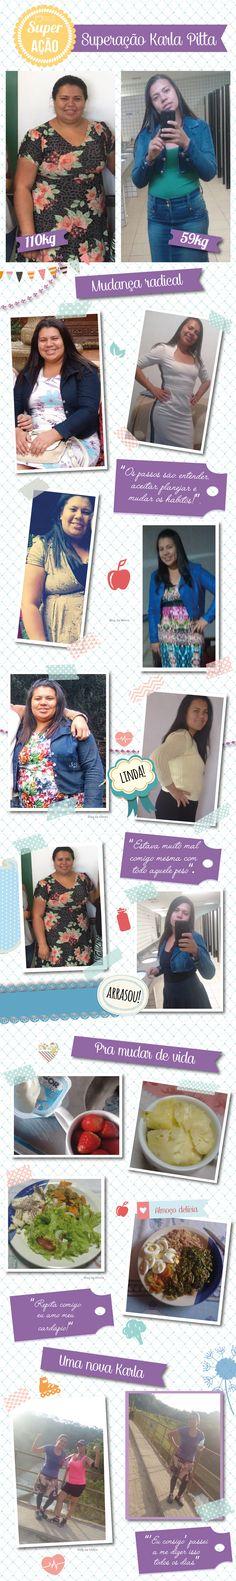 Superação Karla Pitta: mais de 50Kg em menos de 10 meses - Blog da Mimis #superação #blogdamimis #emagrecer #dieta #perderpeso #alimentação #saudável